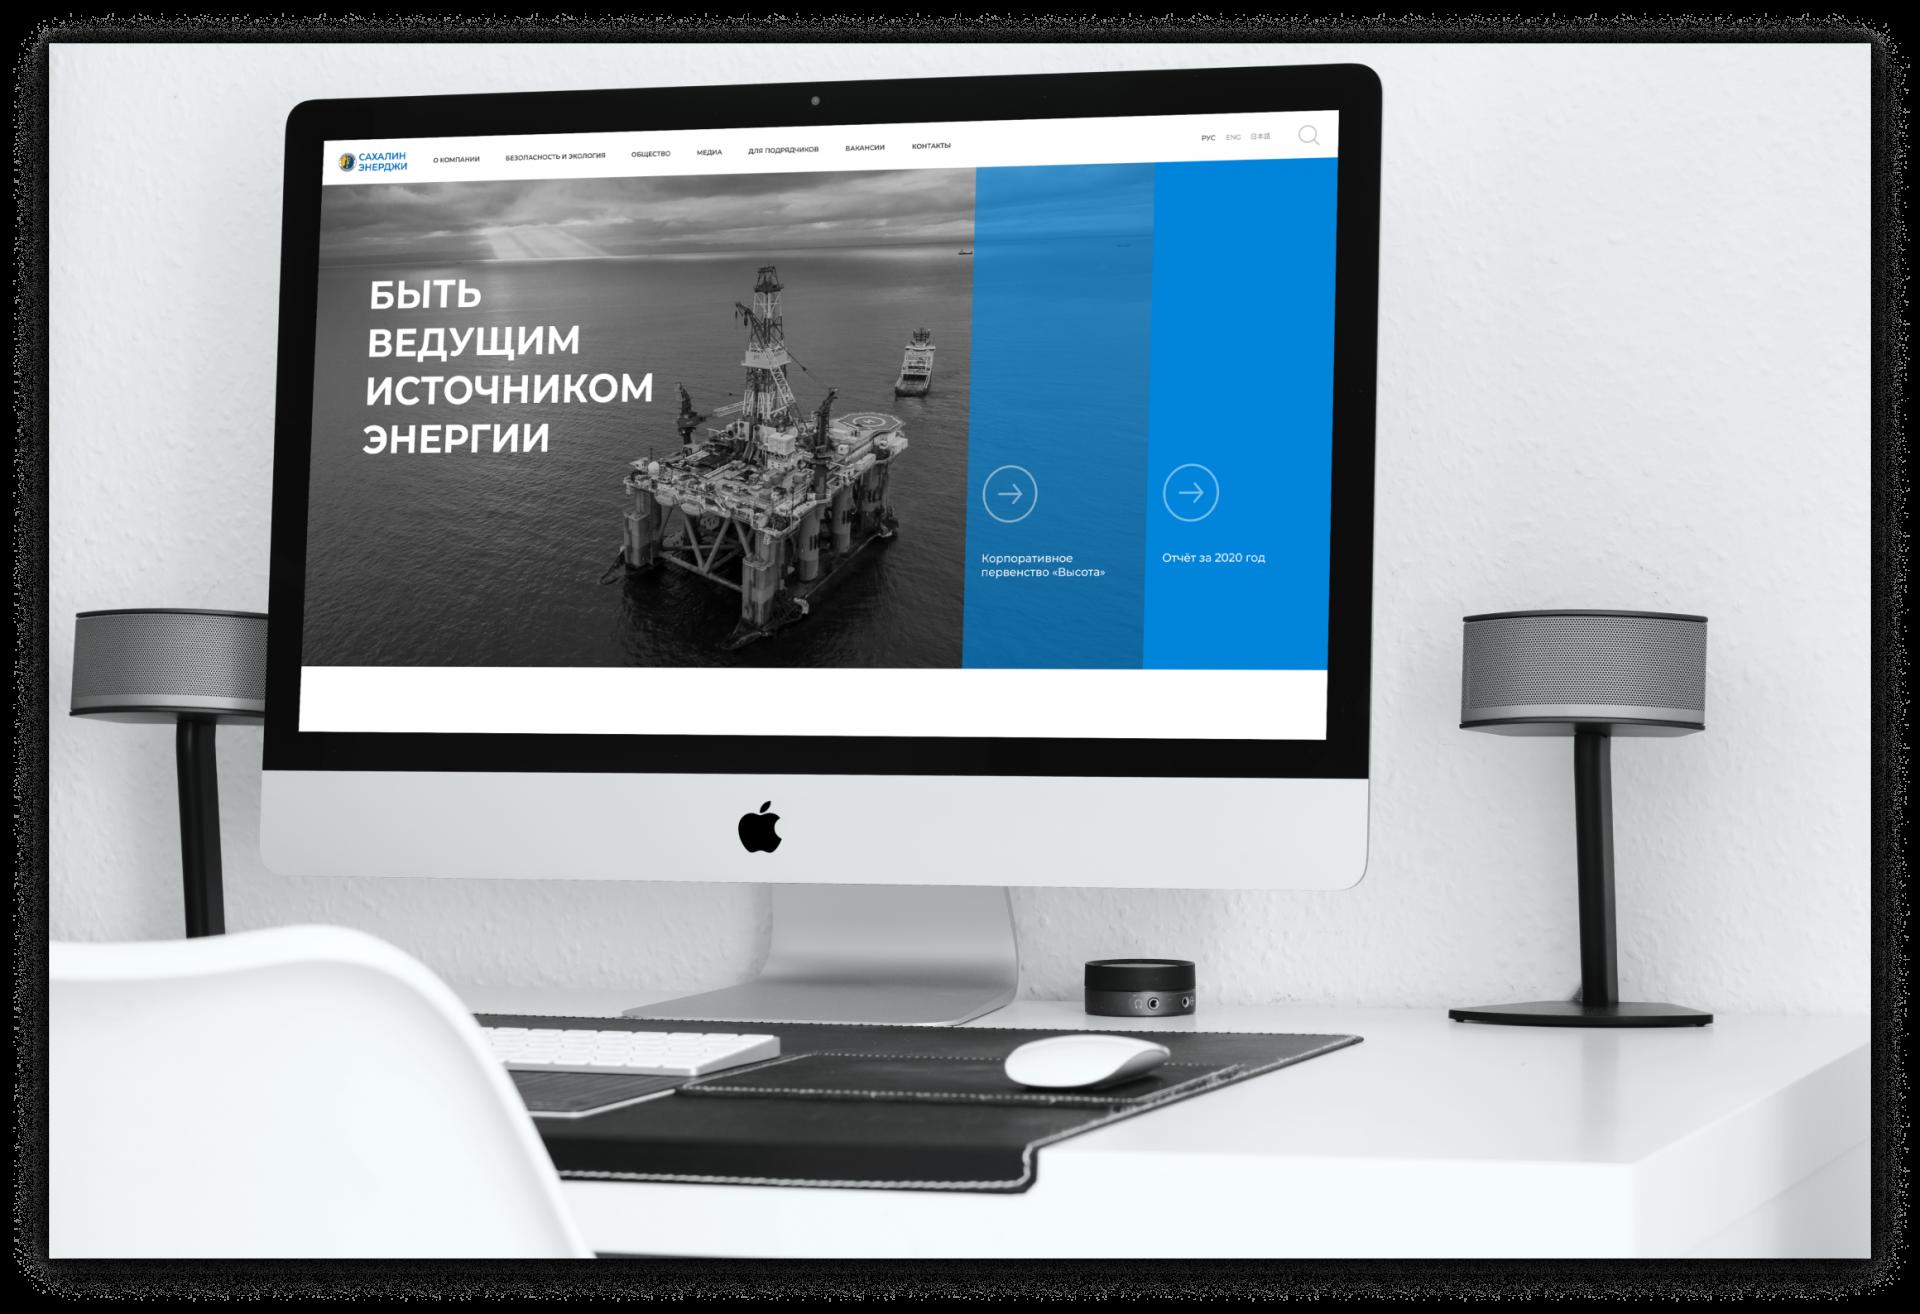 Редизайн главной страницы сайта нефтегазовой компании «Сахалин Энерджи» 8